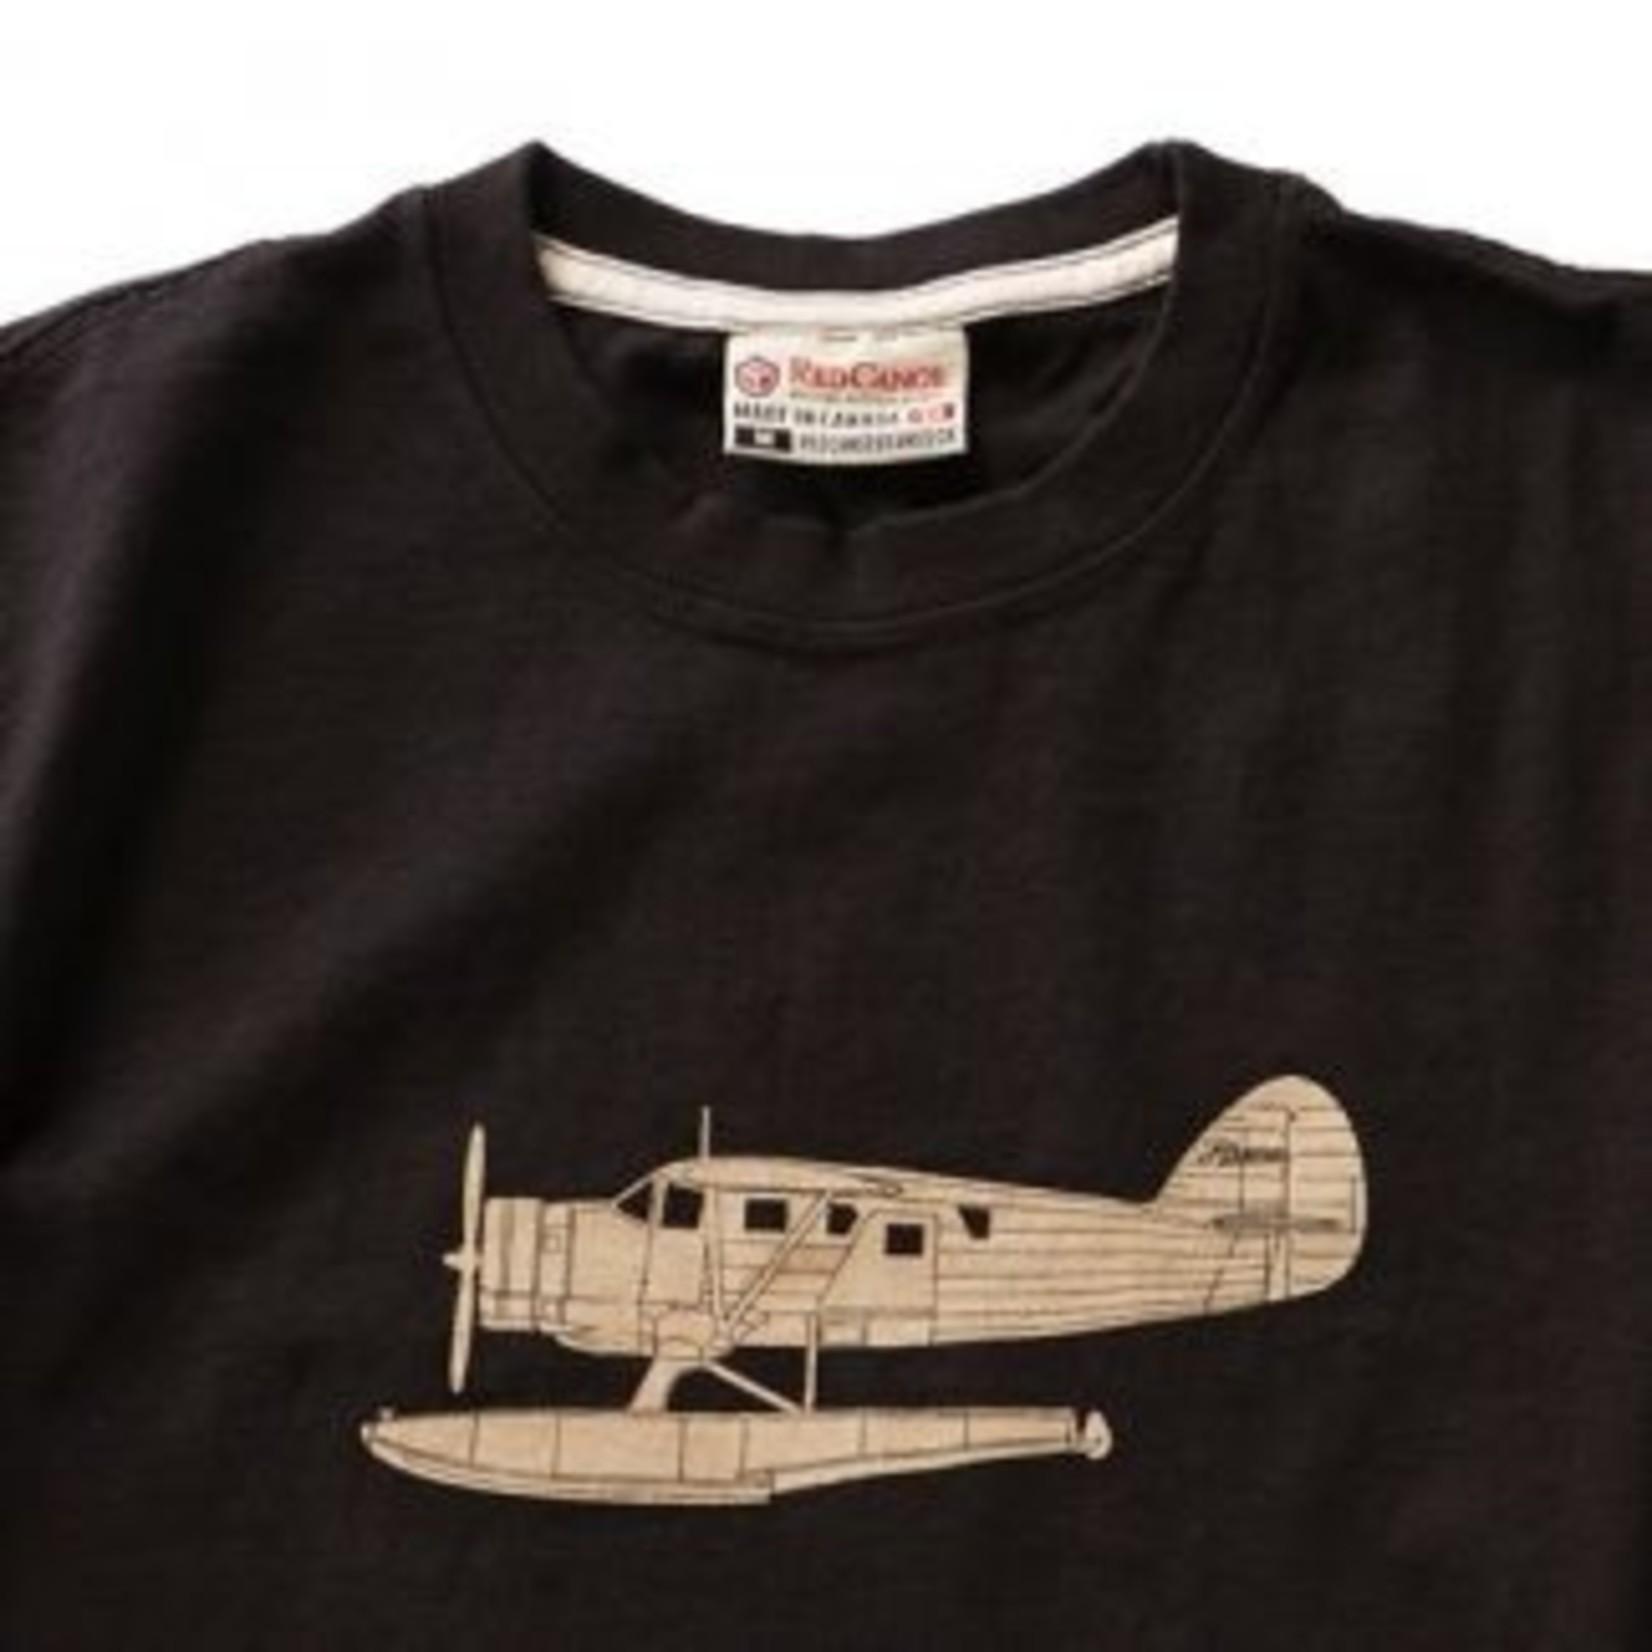 Red Canoe Red Canoe Norseman T-Shirt